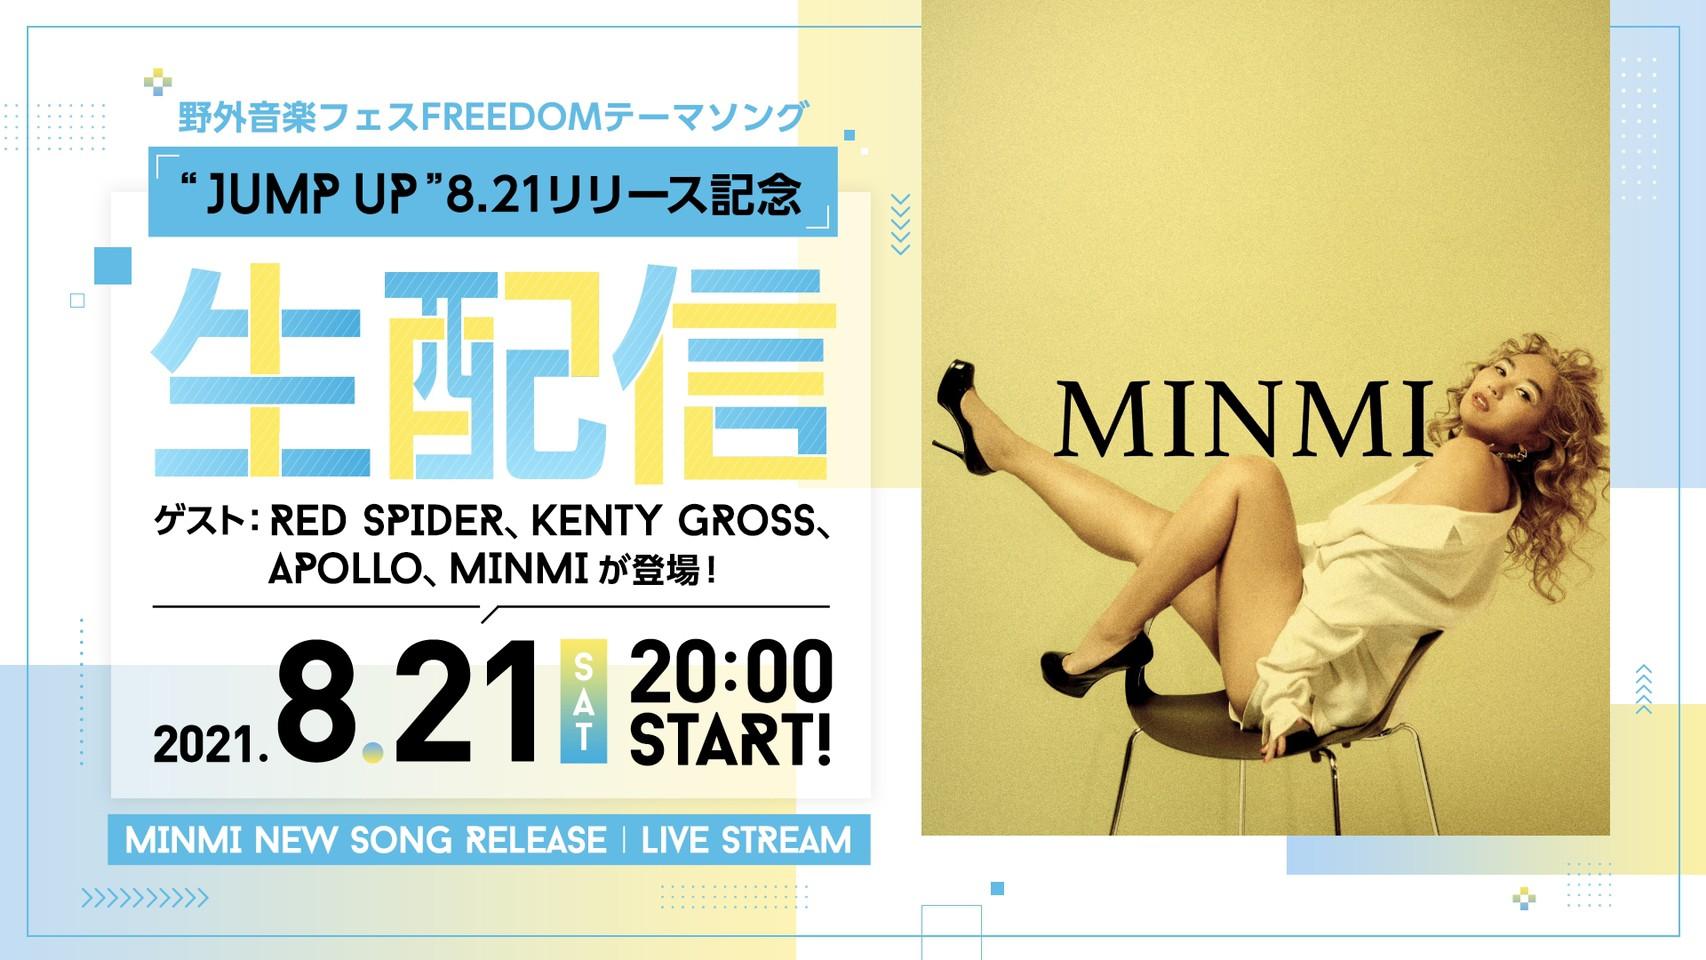 【生歌披露】野外音楽フェスFREEDOMテーマソング『JUMP UP』8.21リリース記念生配信